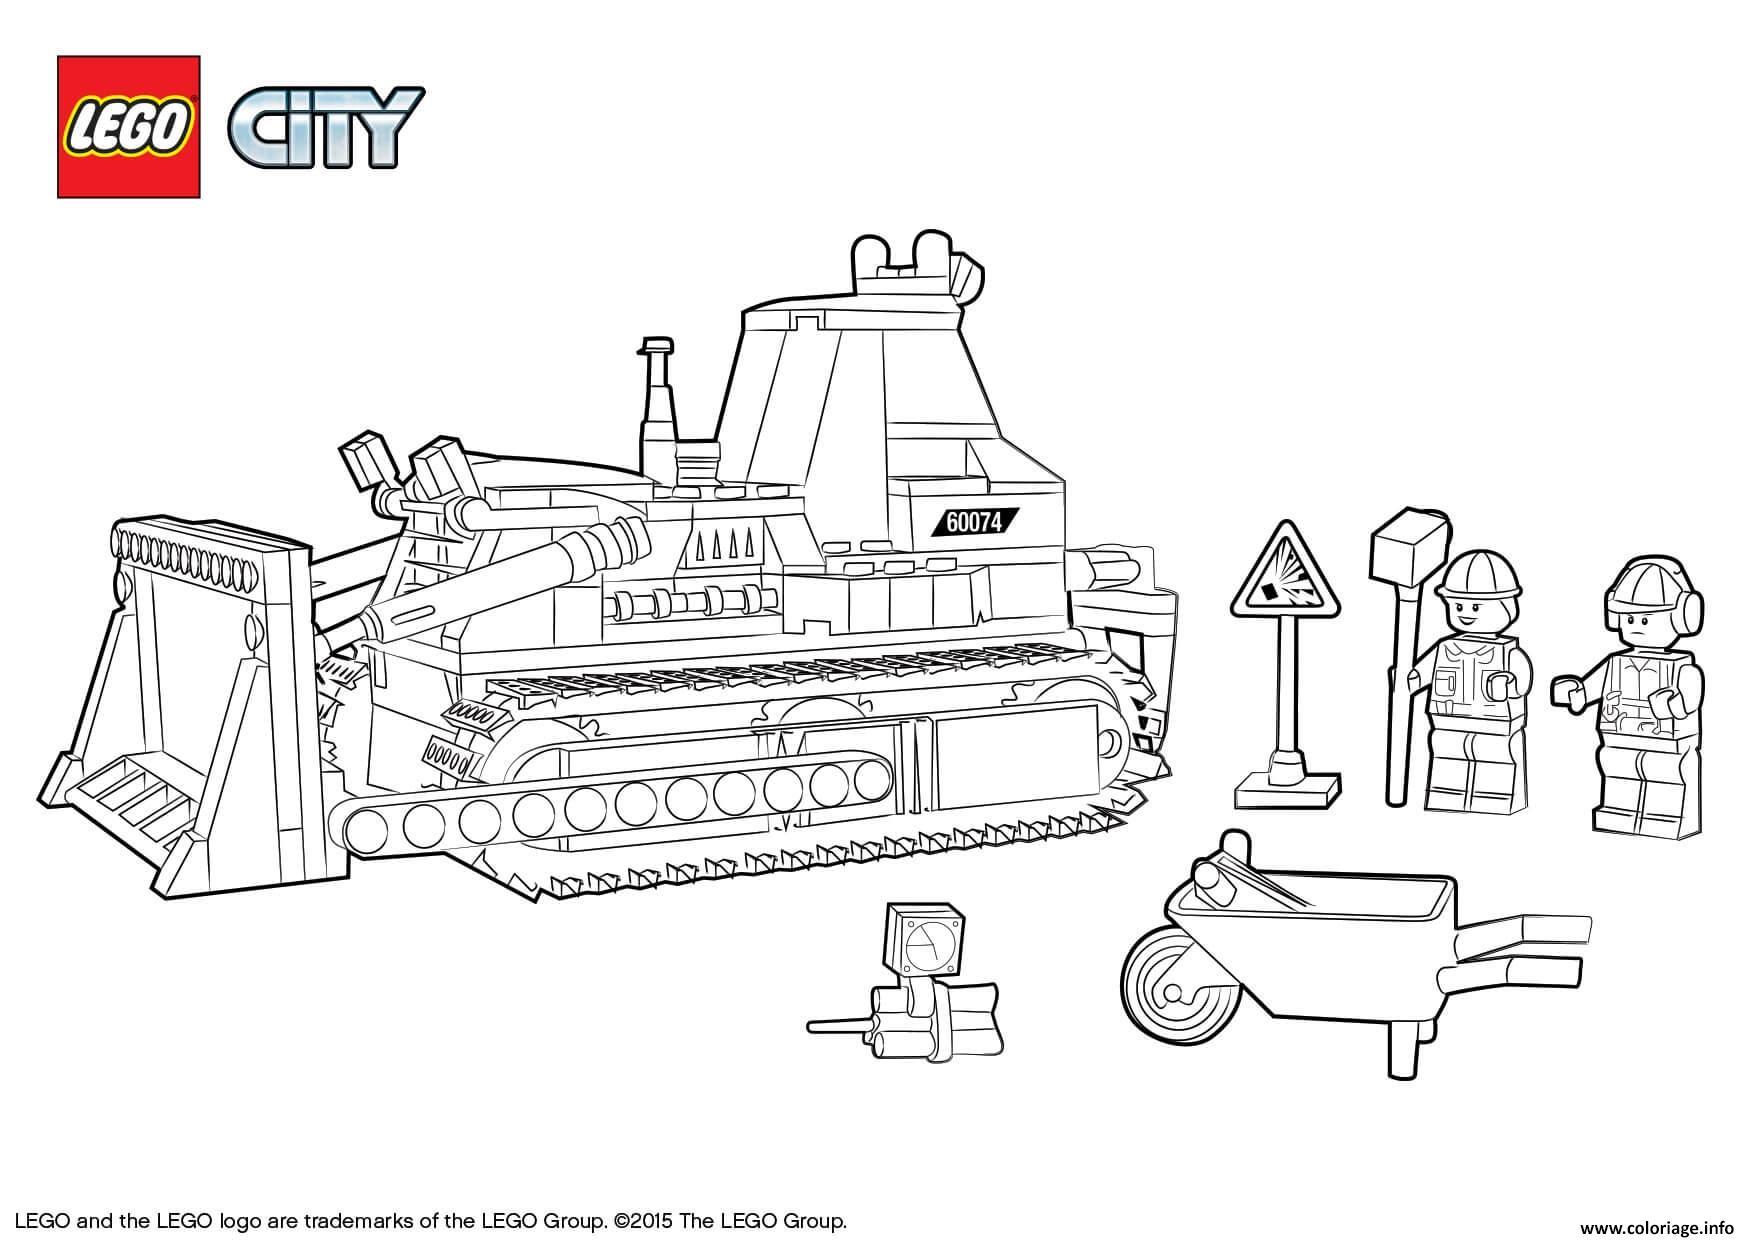 Dessin Lego City Bulldozer Construction Coloriage Gratuit à Imprimer